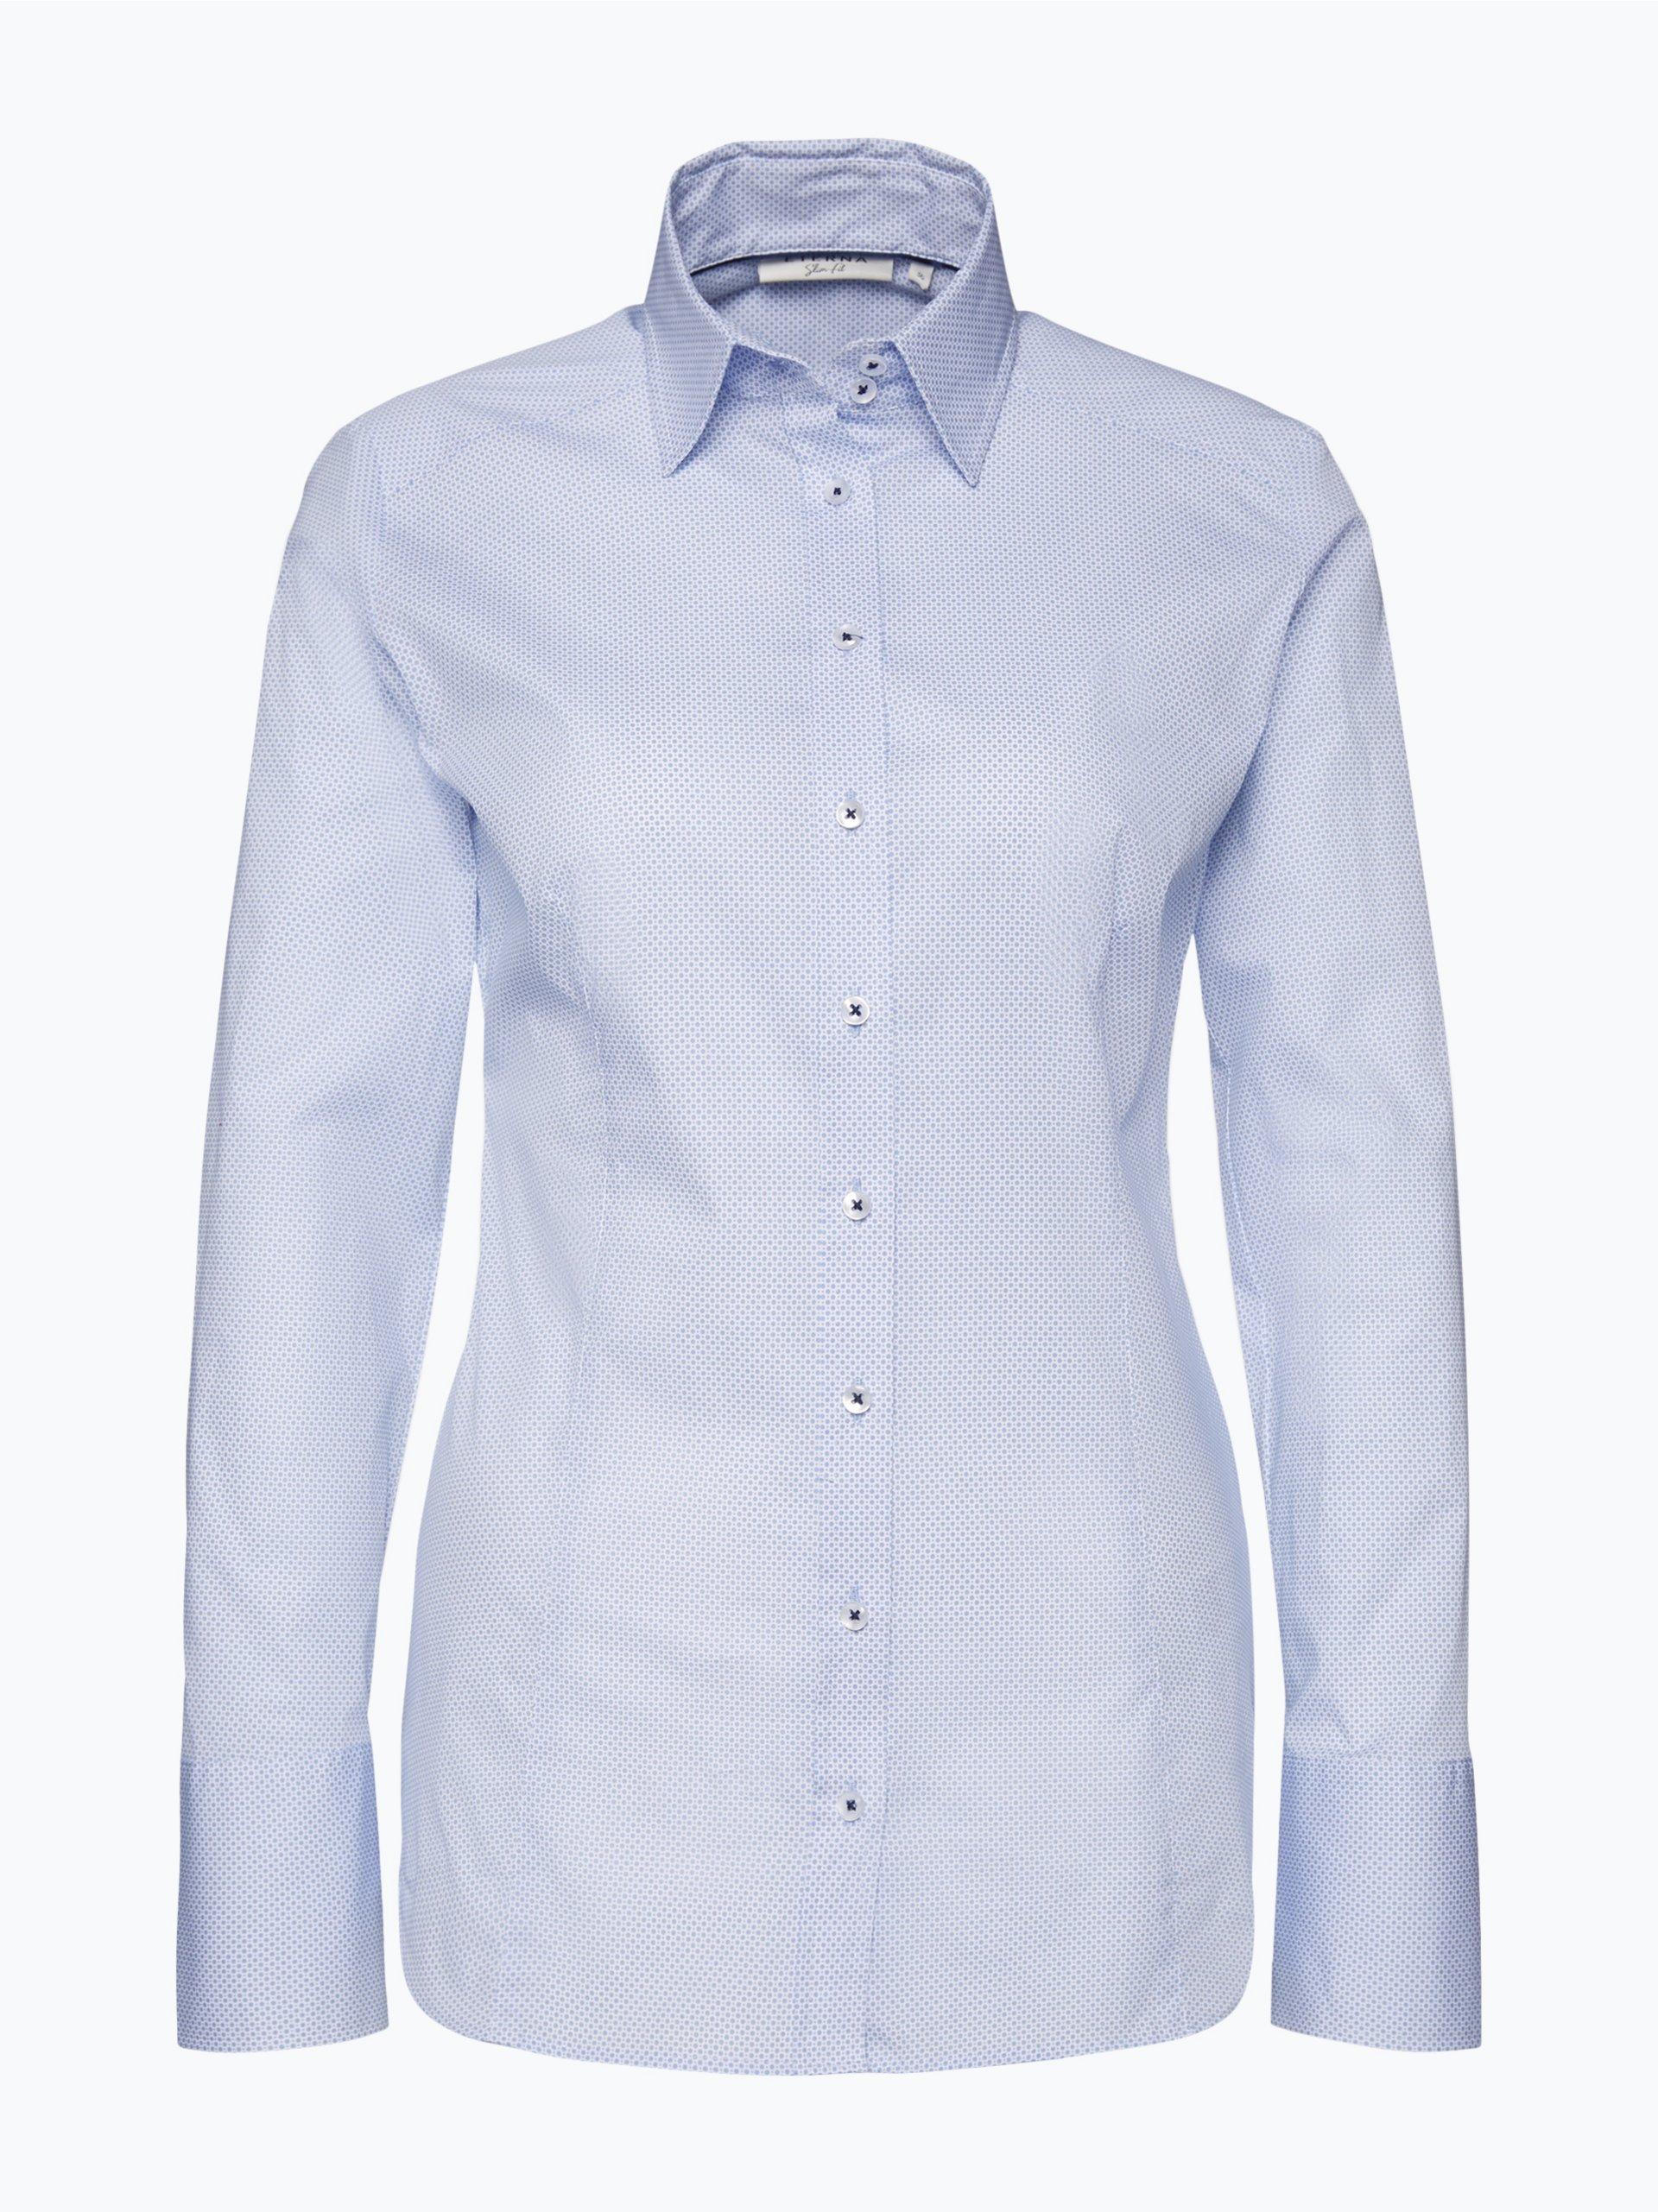 eterna slim fit damen bluse b gelleicht hellblau gemustert. Black Bedroom Furniture Sets. Home Design Ideas